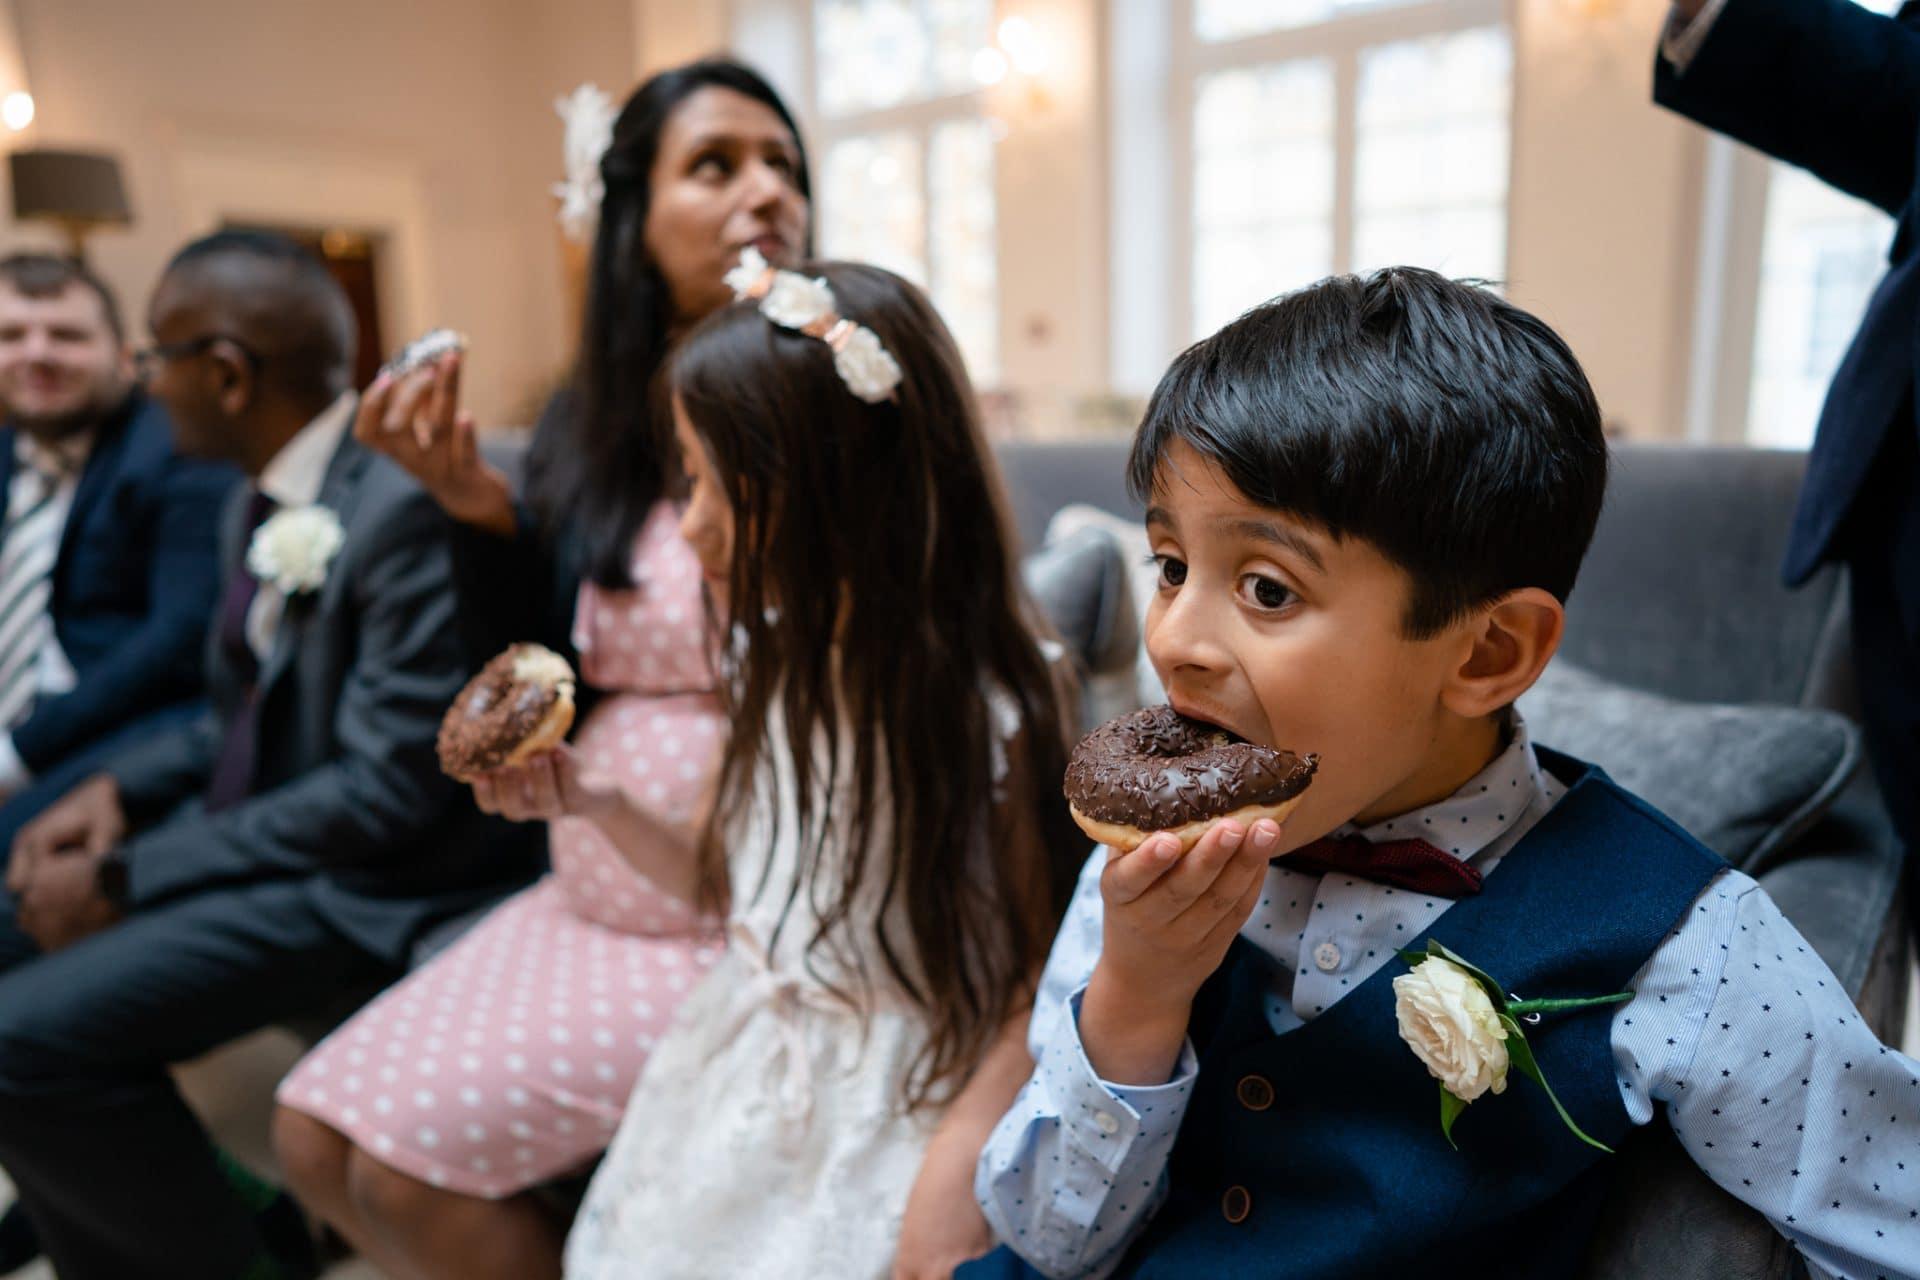 Kids eating doughnuts at a wedding